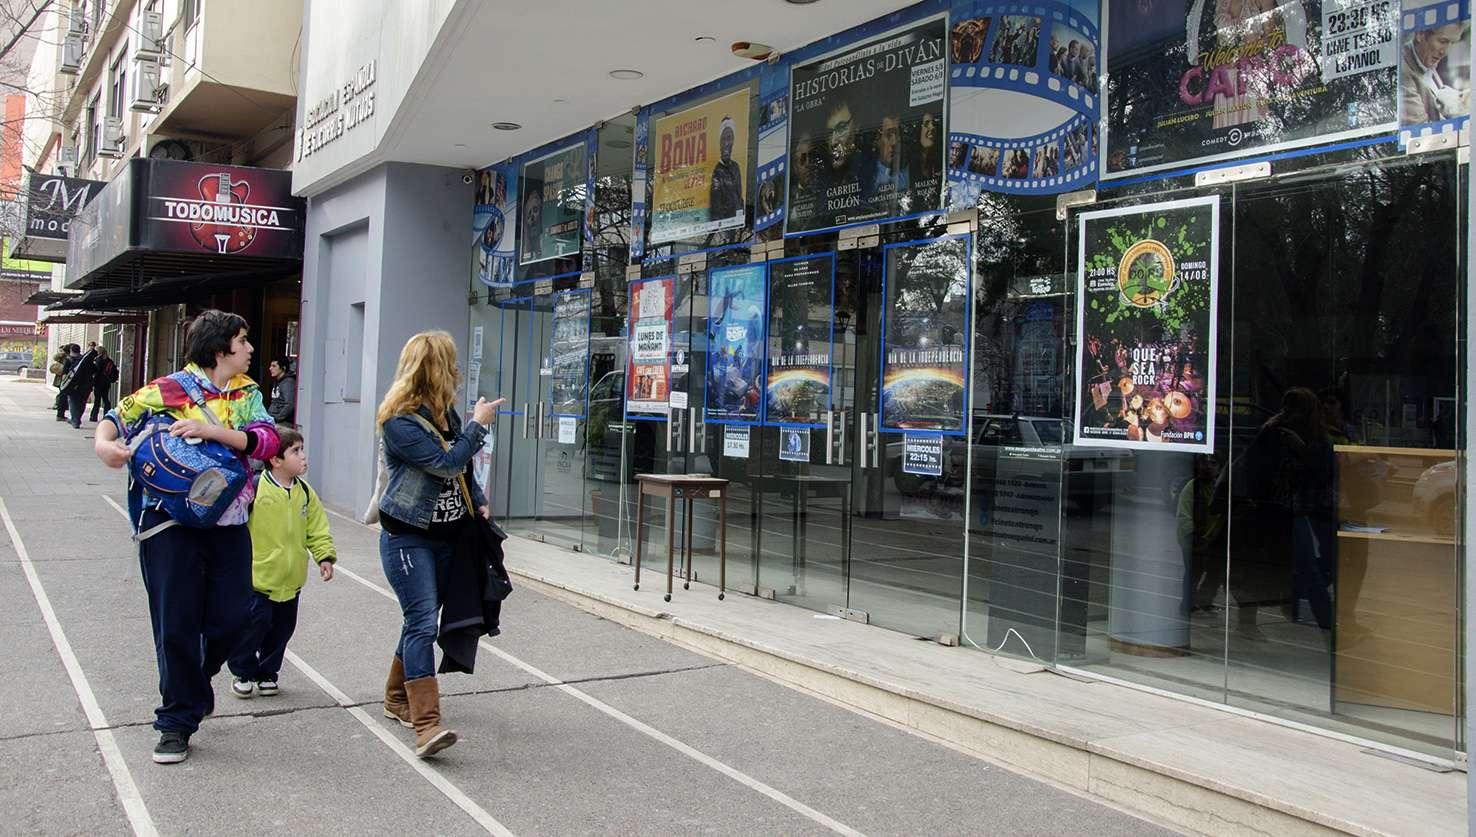 El cine teatro espa ol present su cartelera de estrenos a for Cines arenys precios